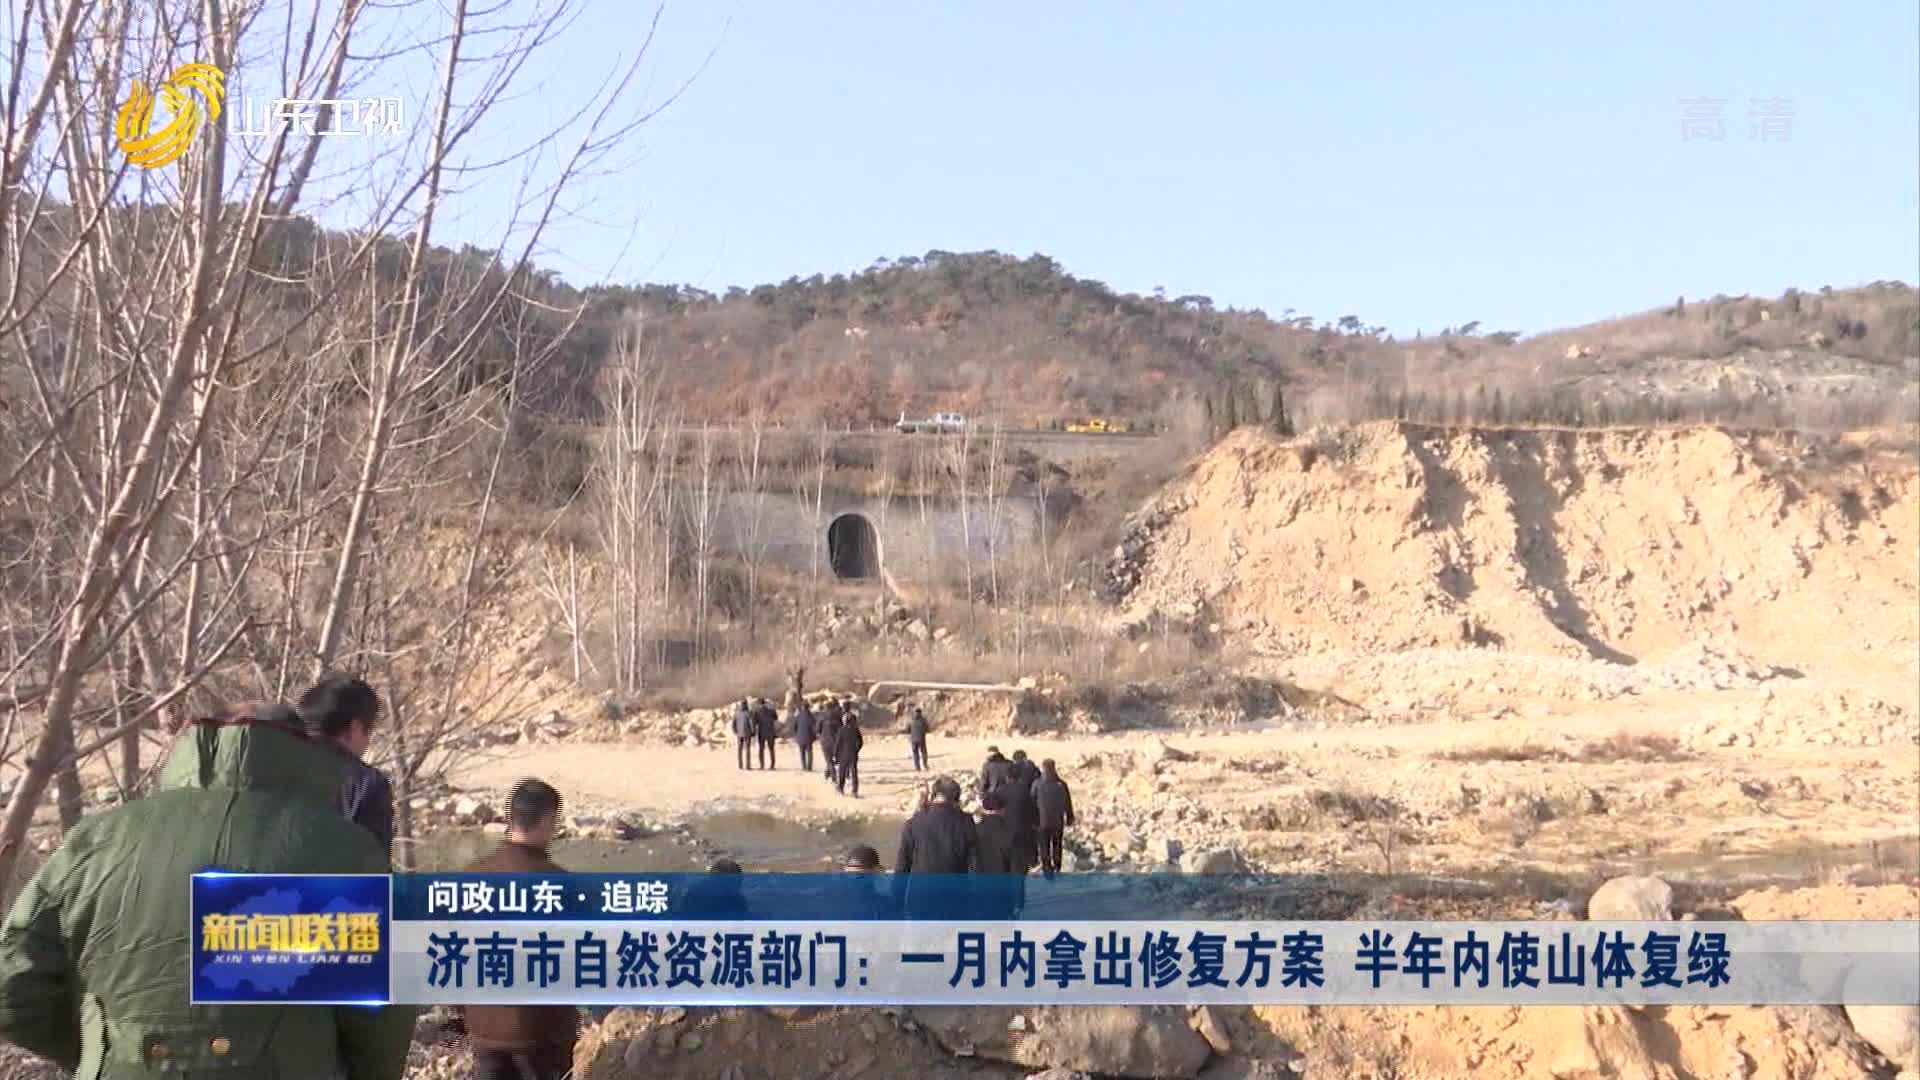 【问政山东·追踪】济南市自然资源部门:一月内拿出修复方案 半年内使山体复绿